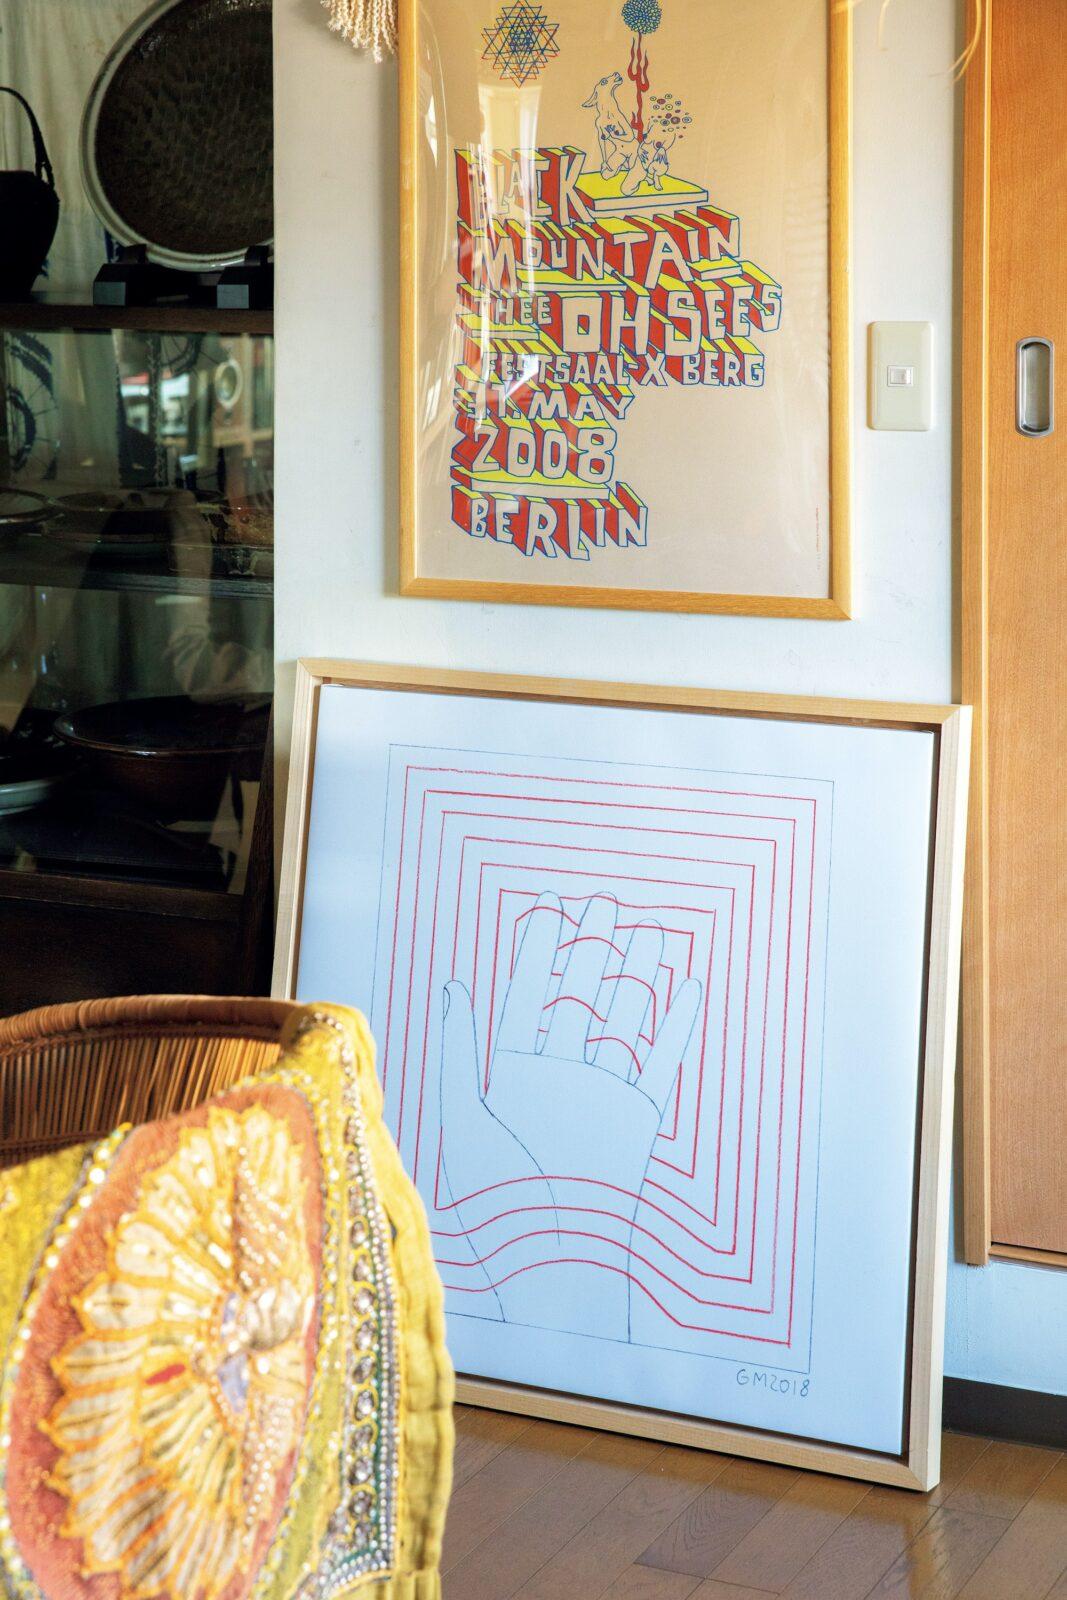 中央下、額装したプリントはロサンゼルス在住のジェフ・マクフェトリッジ。セレクトショップ時代、コラボ商品を手がけた思い入れのあるアーティスト。上のシルクスクリーンは出張先のベルリンの書店〈プリンテッド・マター〉で購入した。